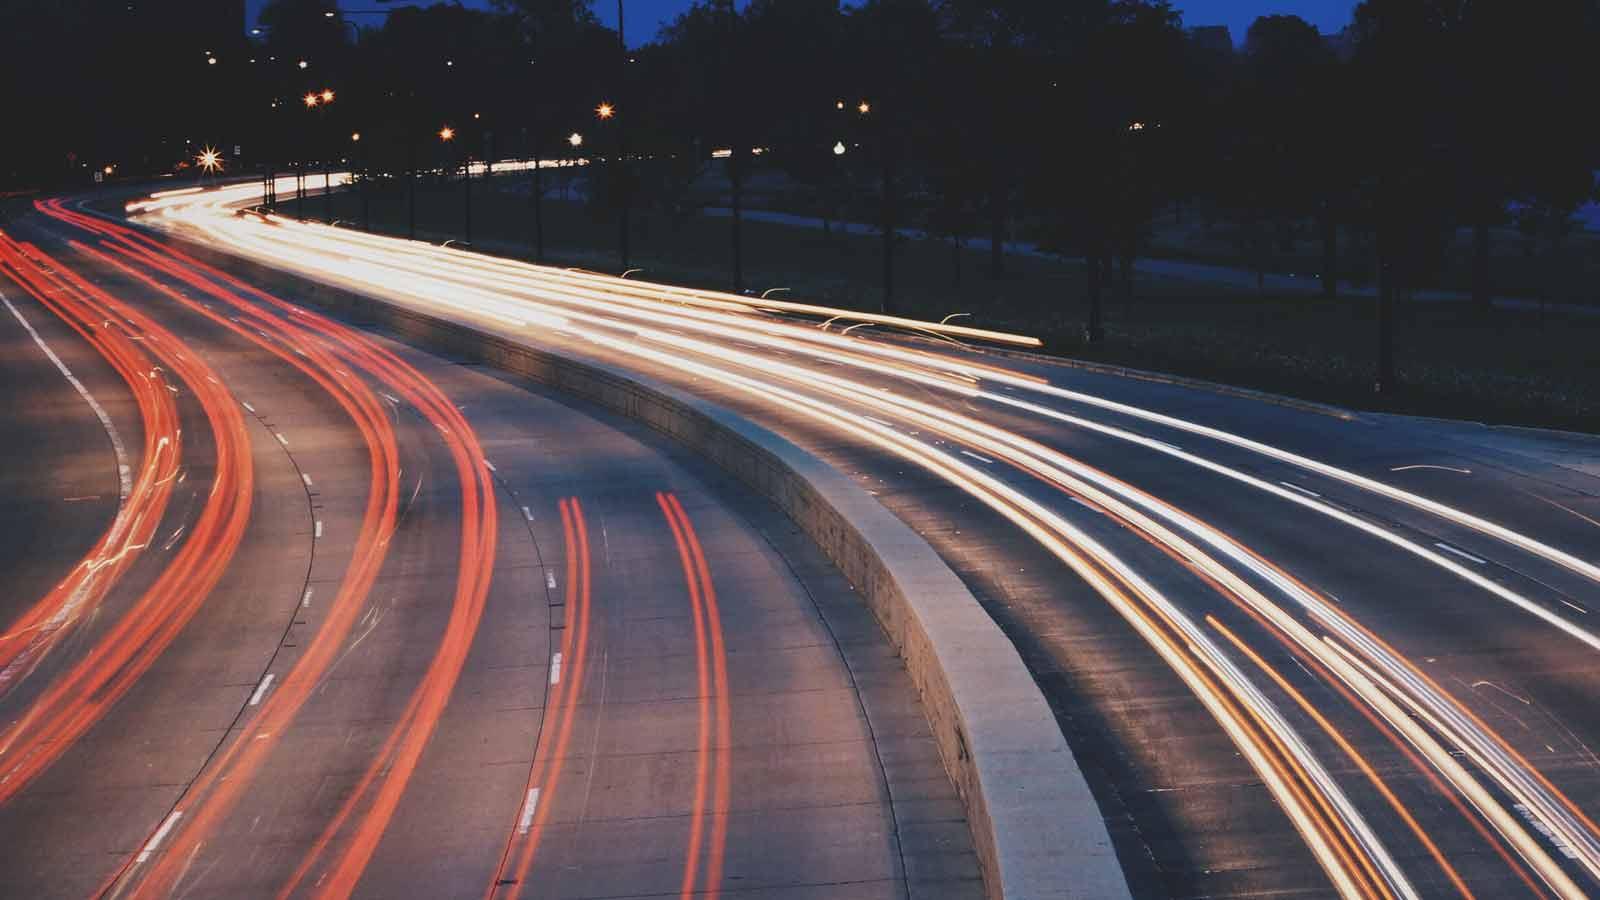 aire de service d'autoroute en france